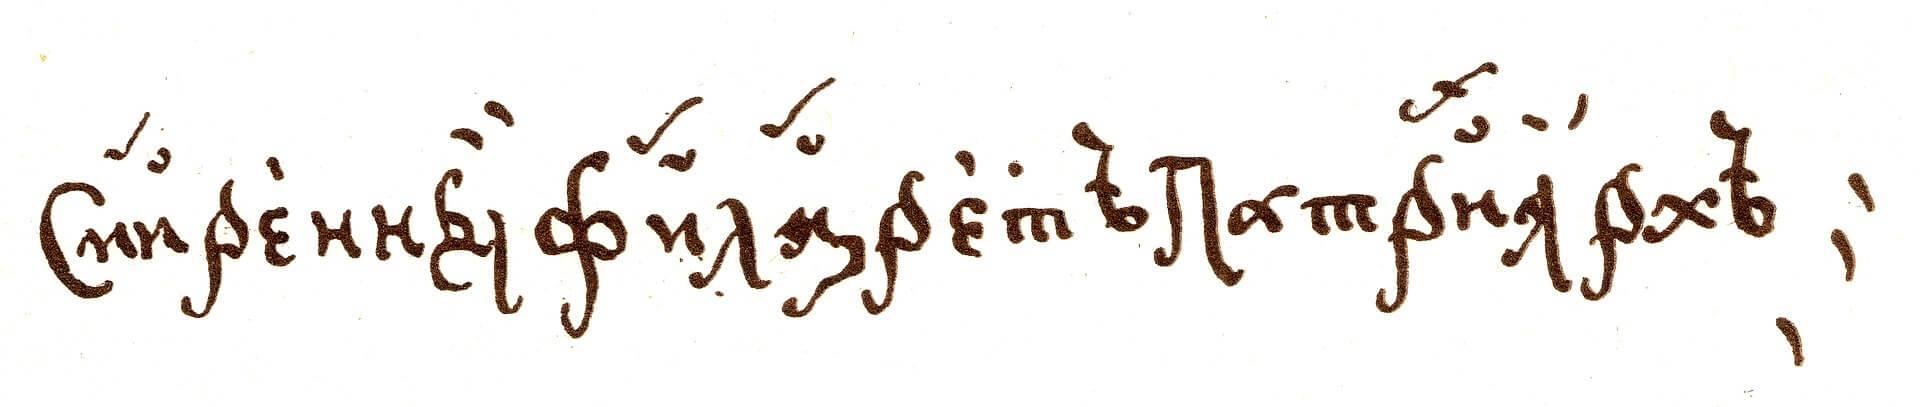 Автограф Патриарха Московского Филарета (17 век).